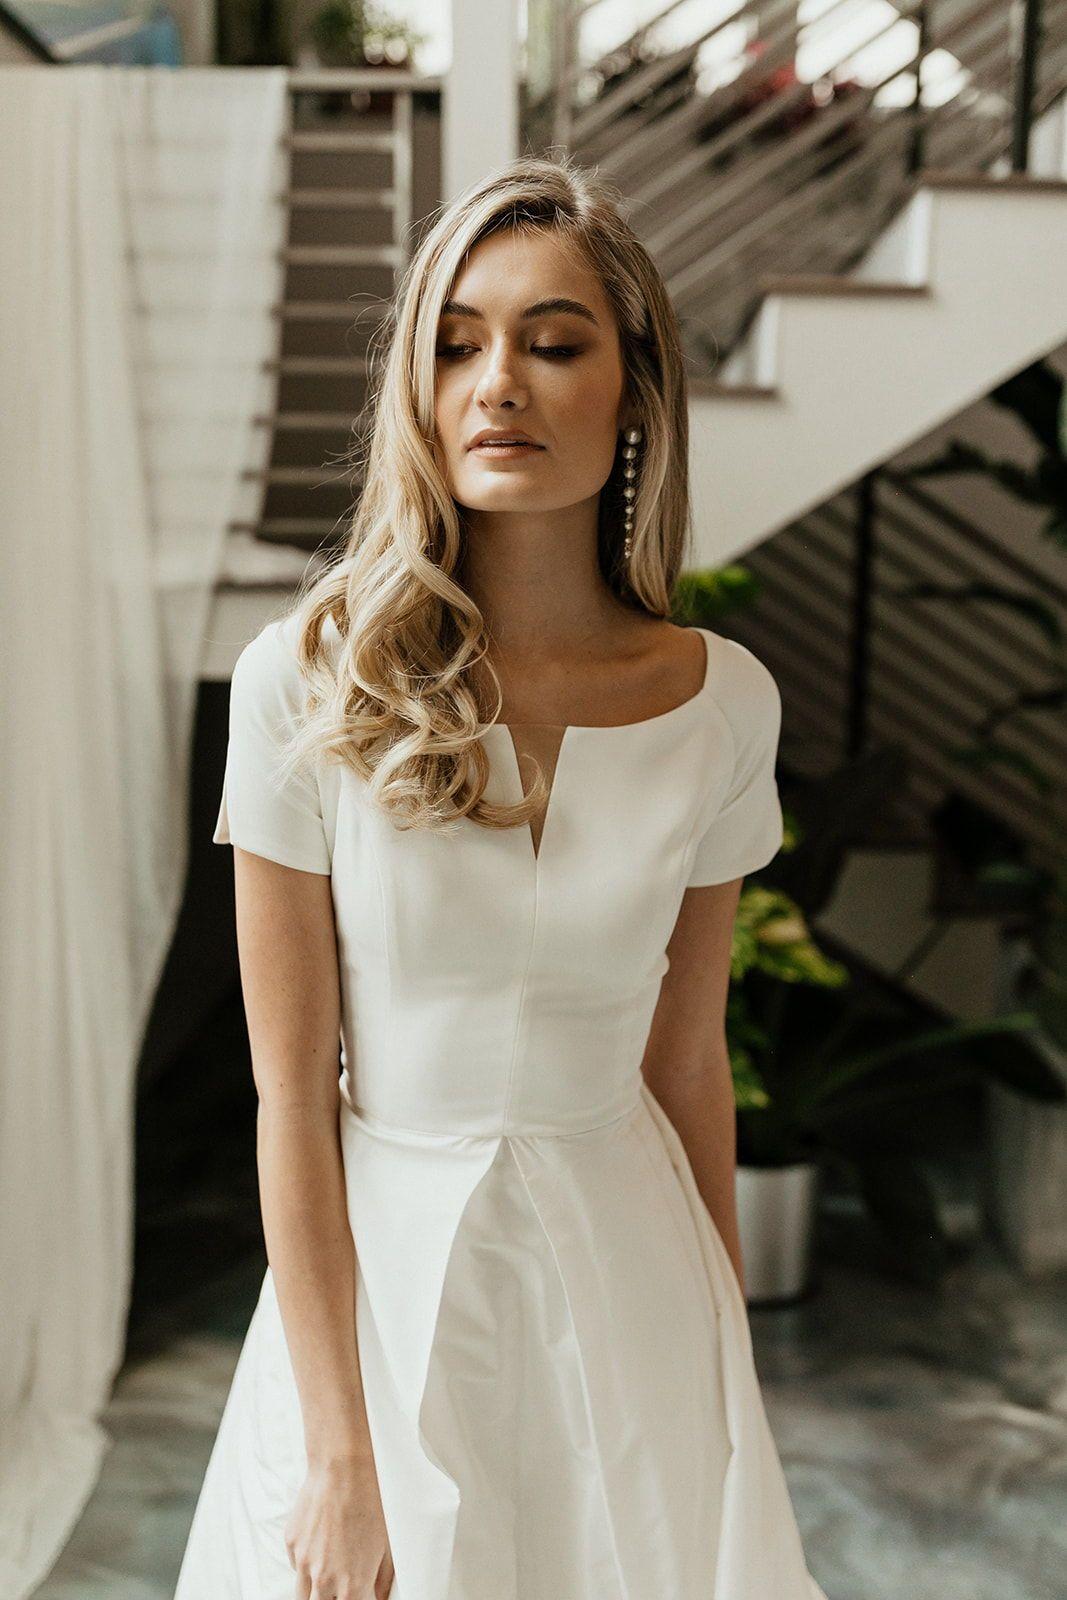 Modest Wedding Dresses That Are Unique Short Sleeve Wedding Dress Modest Wedding Dresses Simple Wedding Dress Short [ 1600 x 1067 Pixel ]